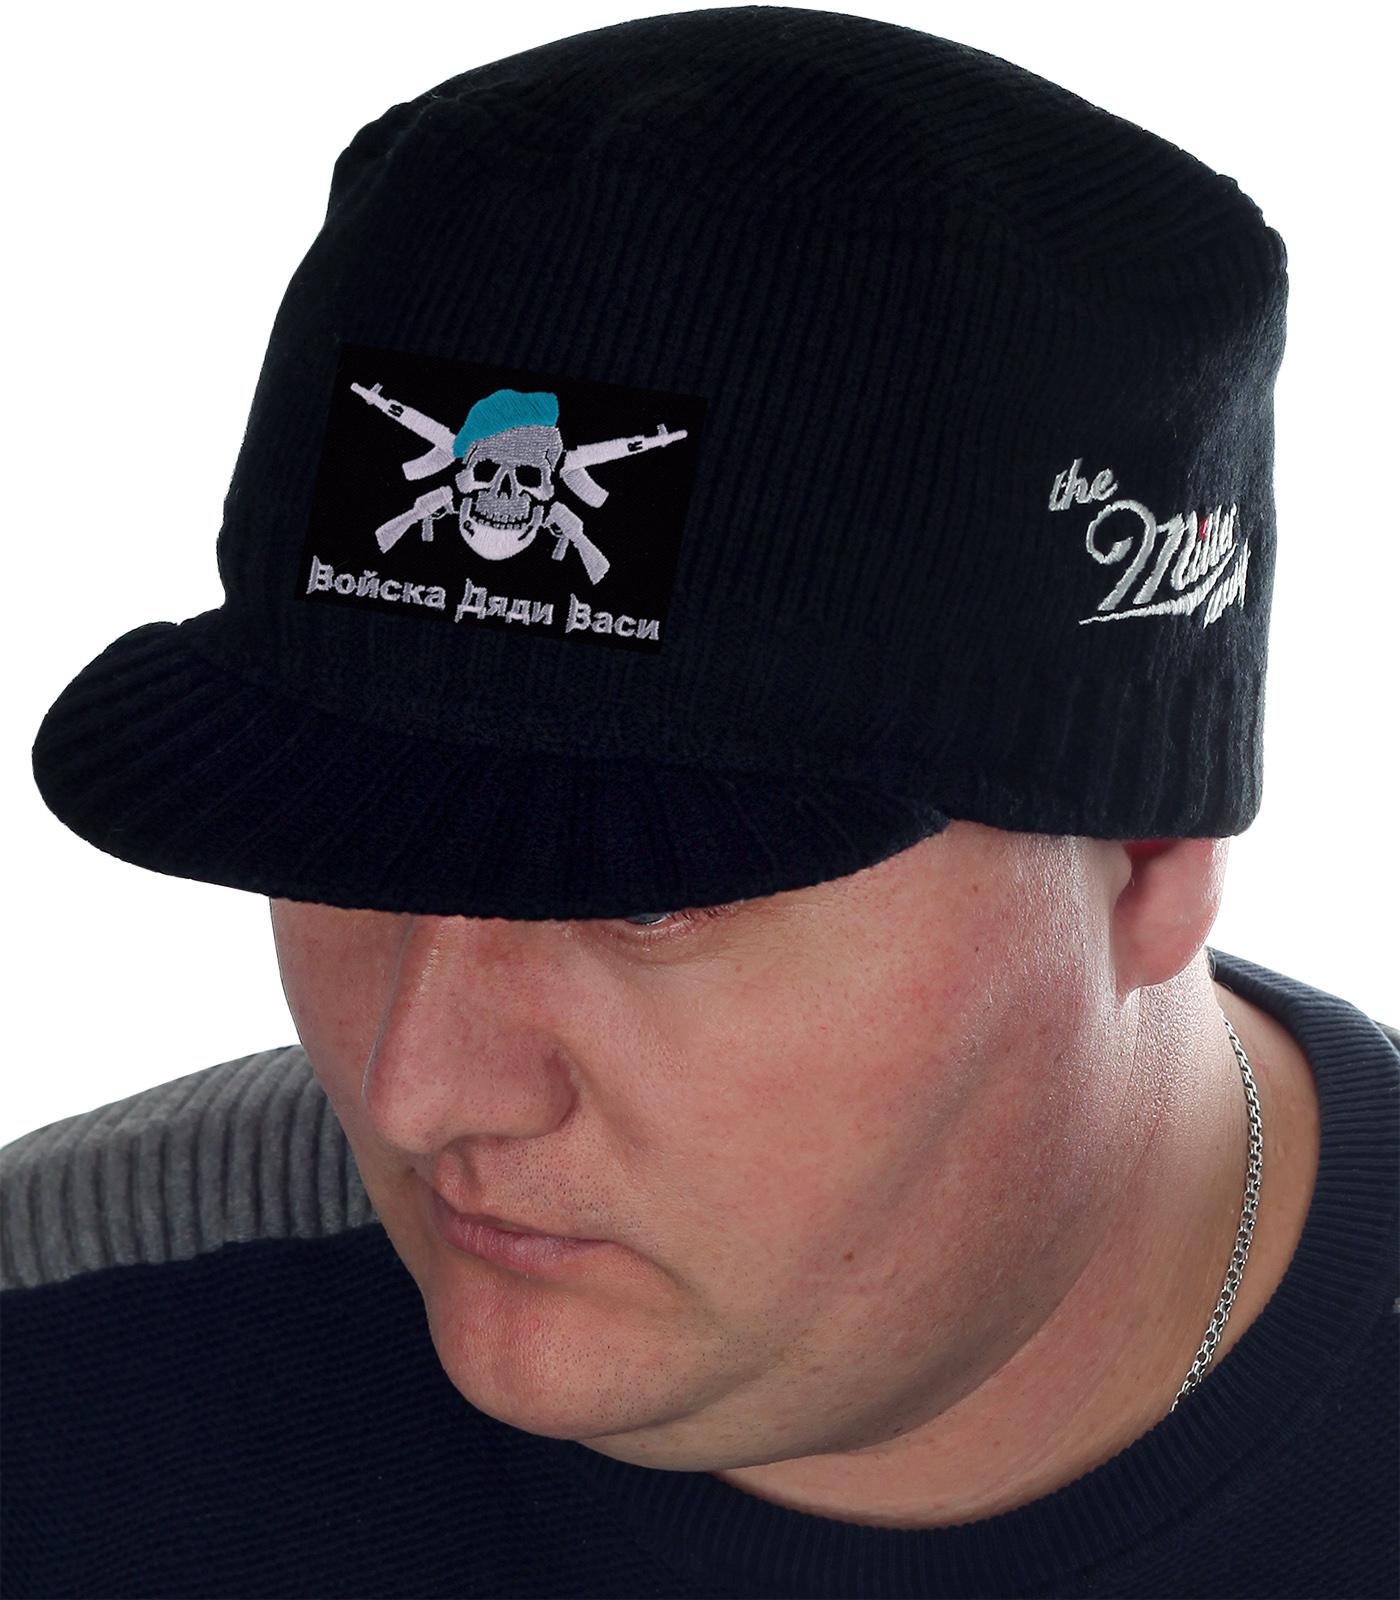 Тёплая мужская кепка Miller Way с прикольной нашивкой «Войска Дяди Васи». Практичные вещи с символикой ВДВ – это Военпро! ЭКСКЛЮЗИВНО и НЕДОРОГО!